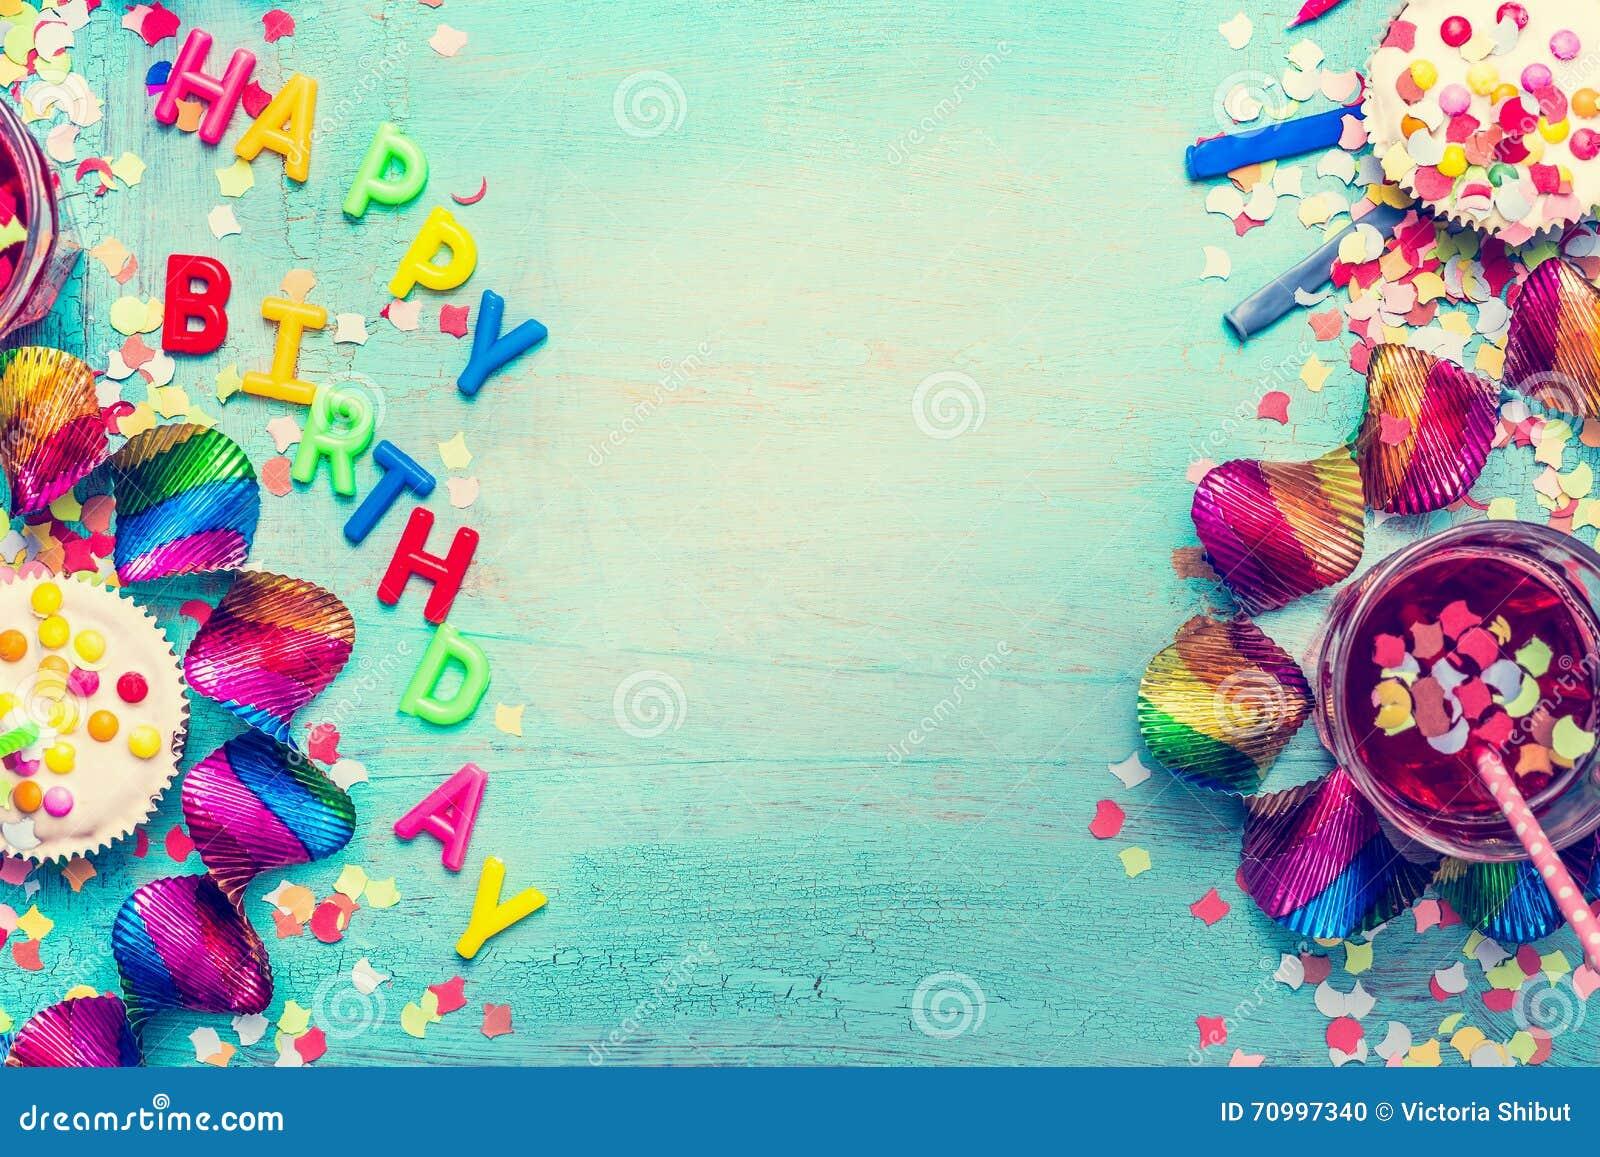 De gelukkige achtergrond van de verjaardagspartij met tekst, dranken, cupcake en kleurrijke hulpmiddelen, hoogste mening